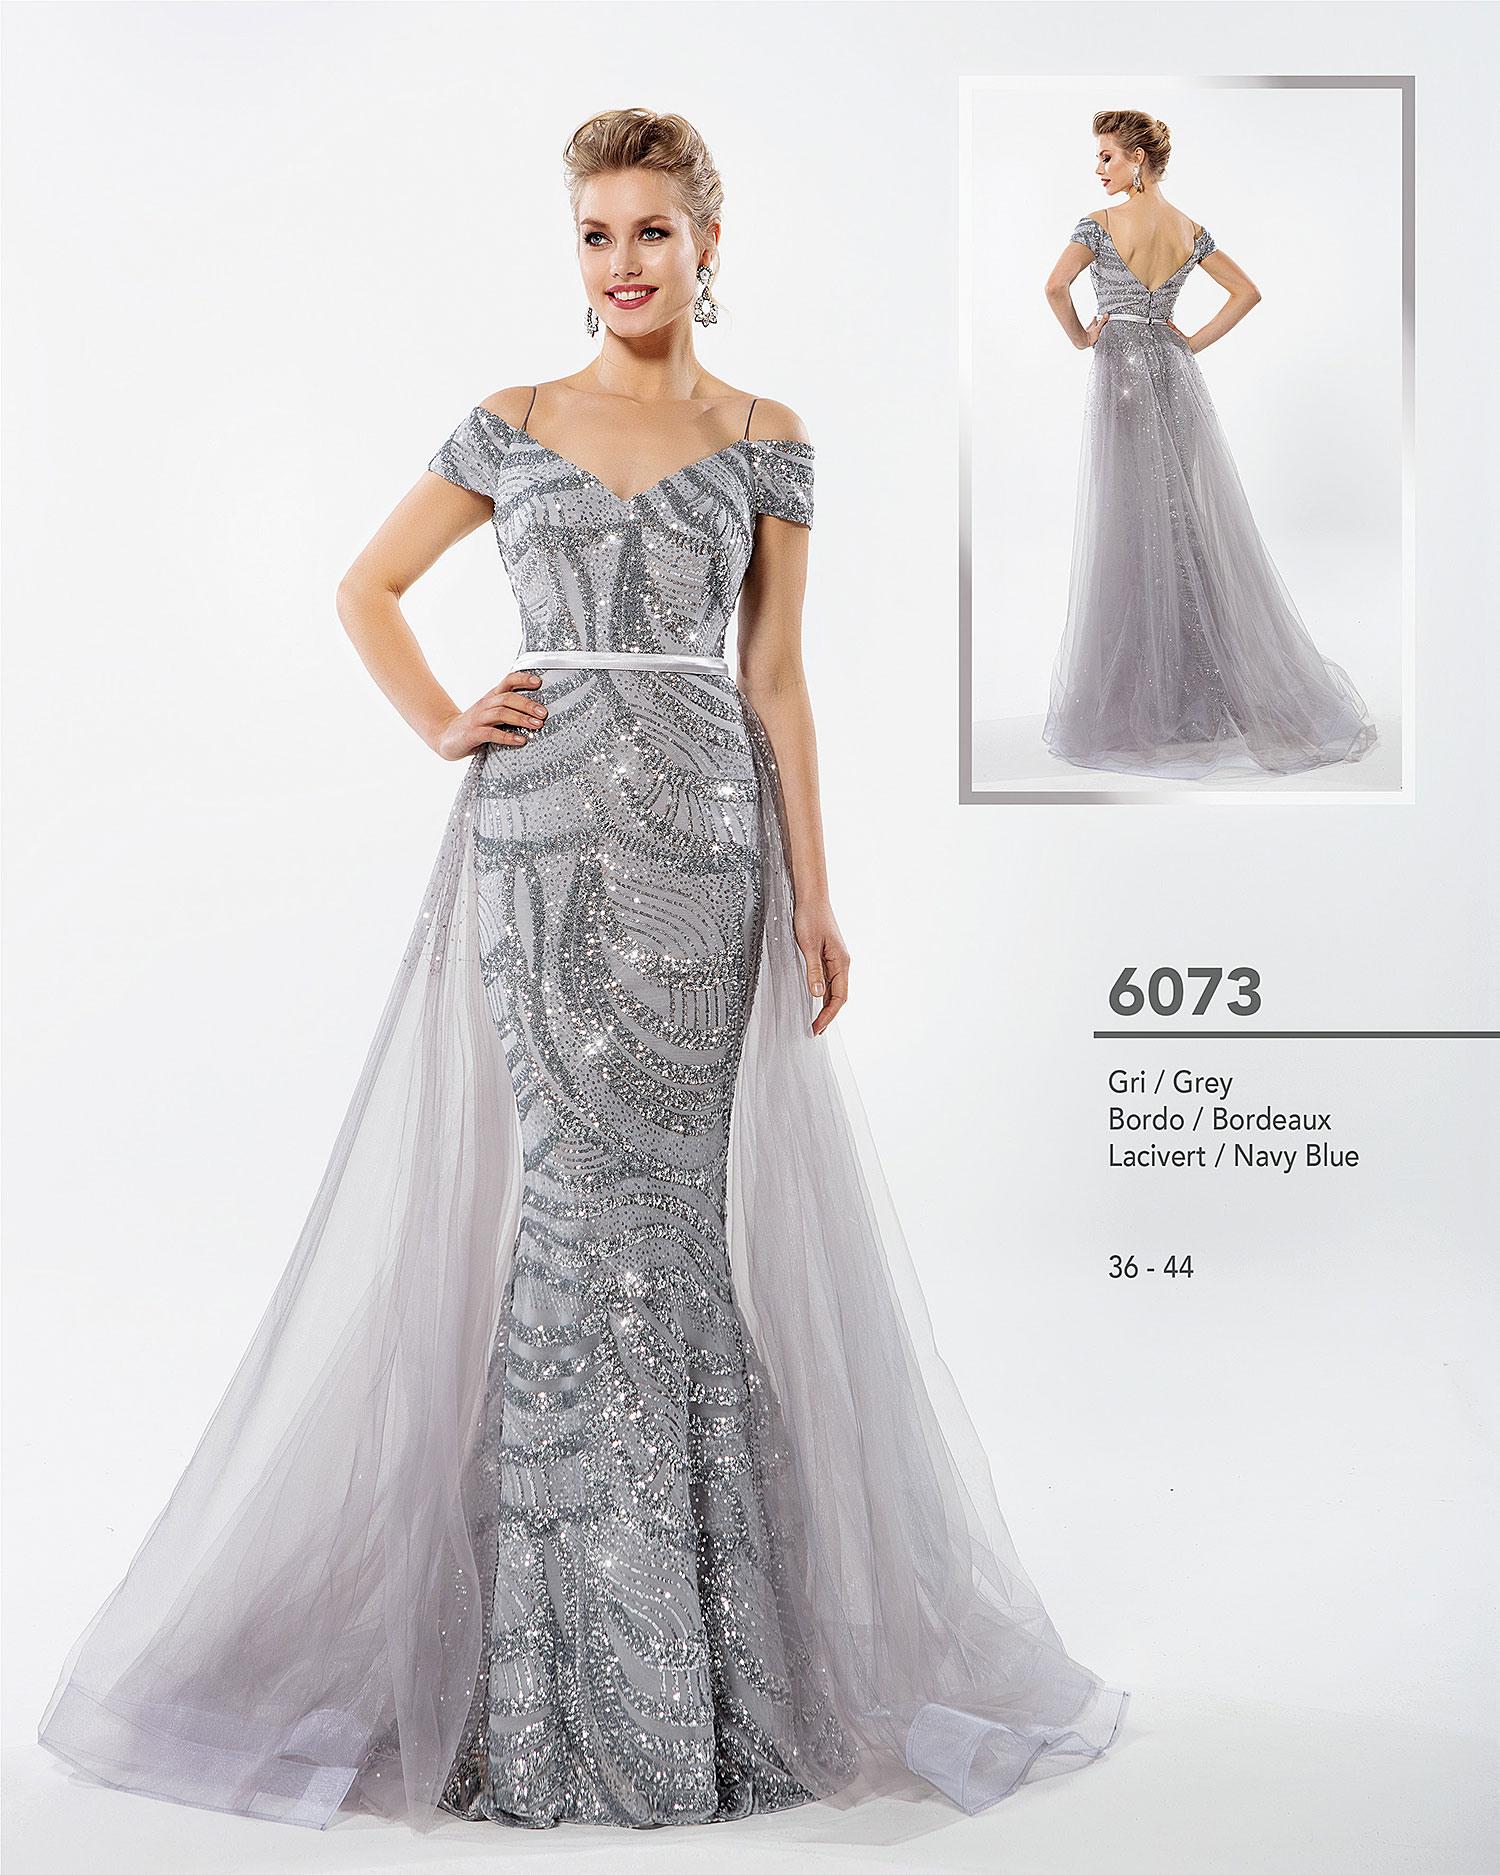 10 Luxus Abendkleider Katalog Bestellen Boutique13 Großartig Abendkleider Katalog Bestellen Design